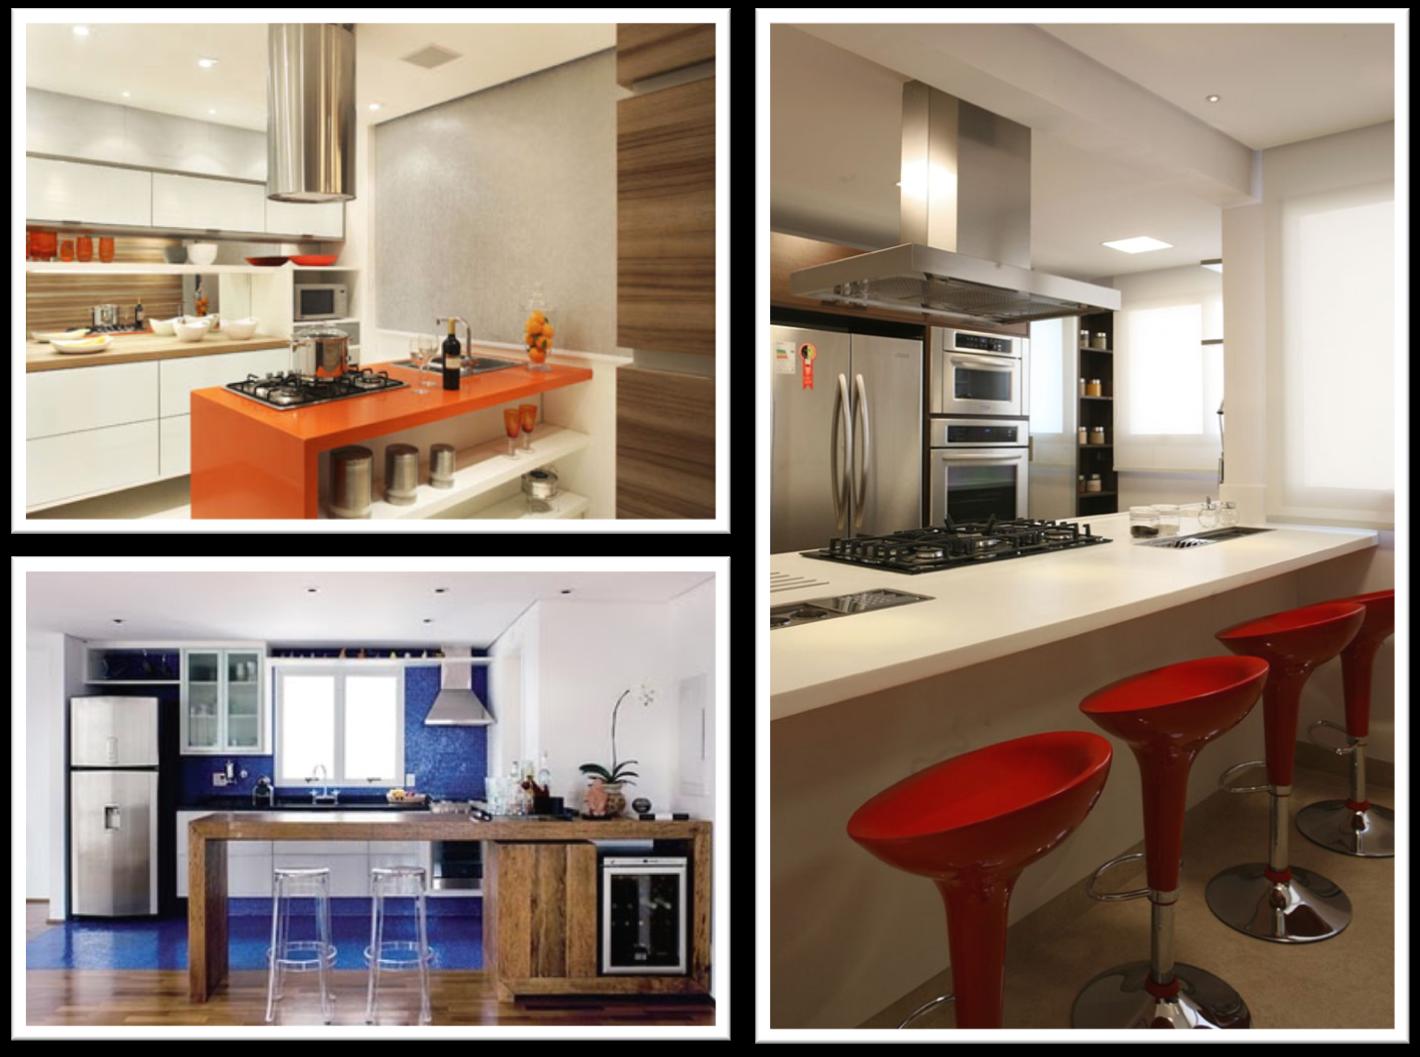 #A85123  parede em pastilhas que delimitam o espaço dessa cozinha integrada 1420x1057 px Projete Minha Própria Cozinha_914 Imagens